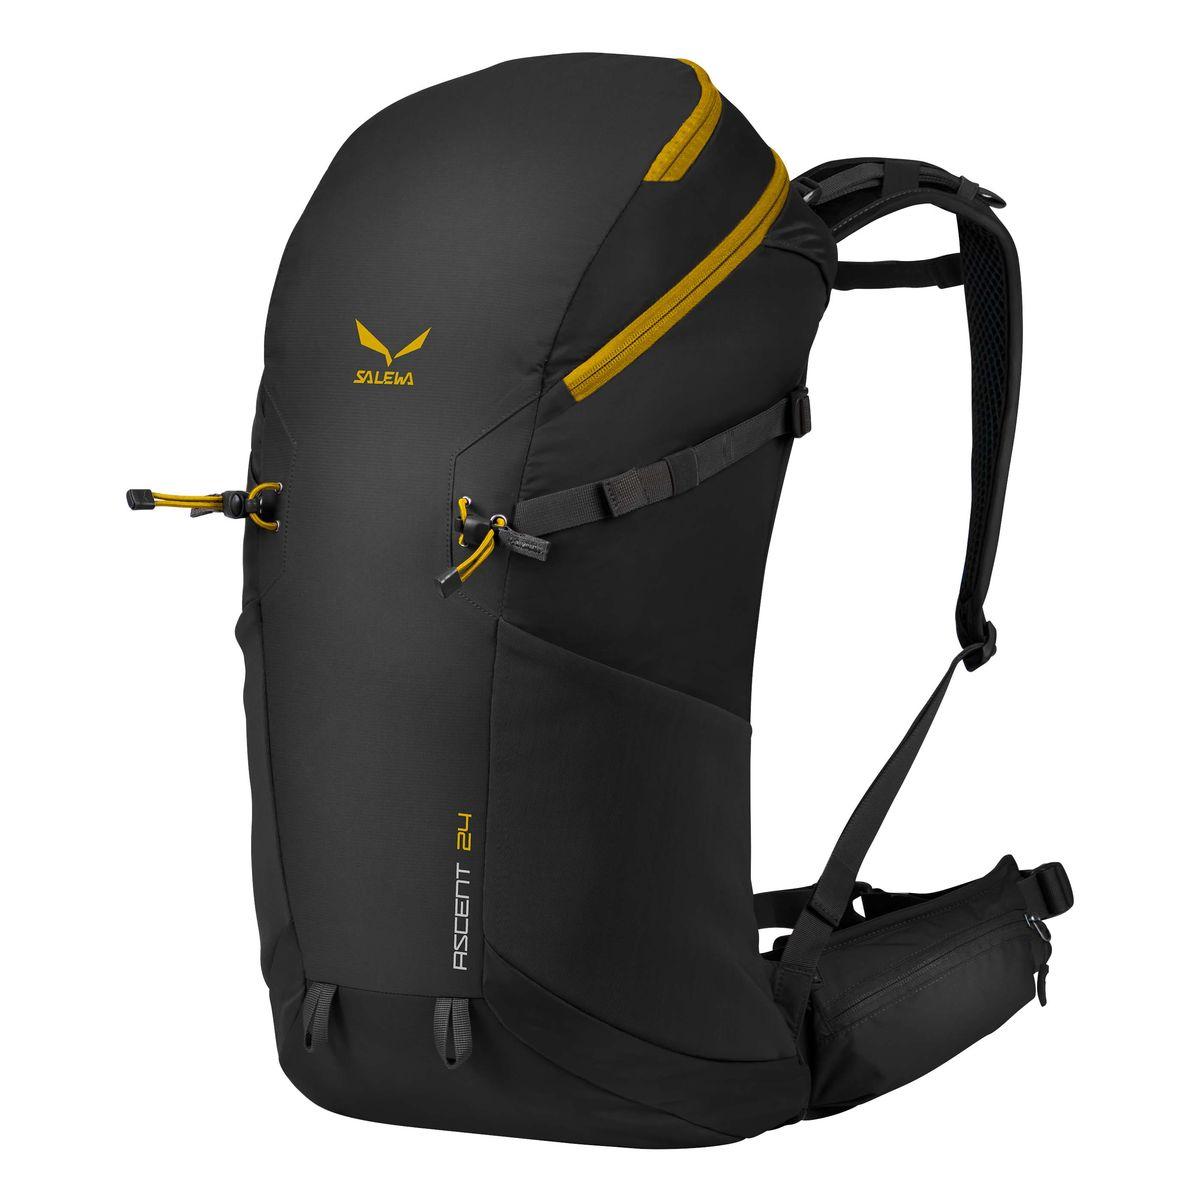 Рюкзак туристический Salewa Ascent 24, цвет: черный, 24л